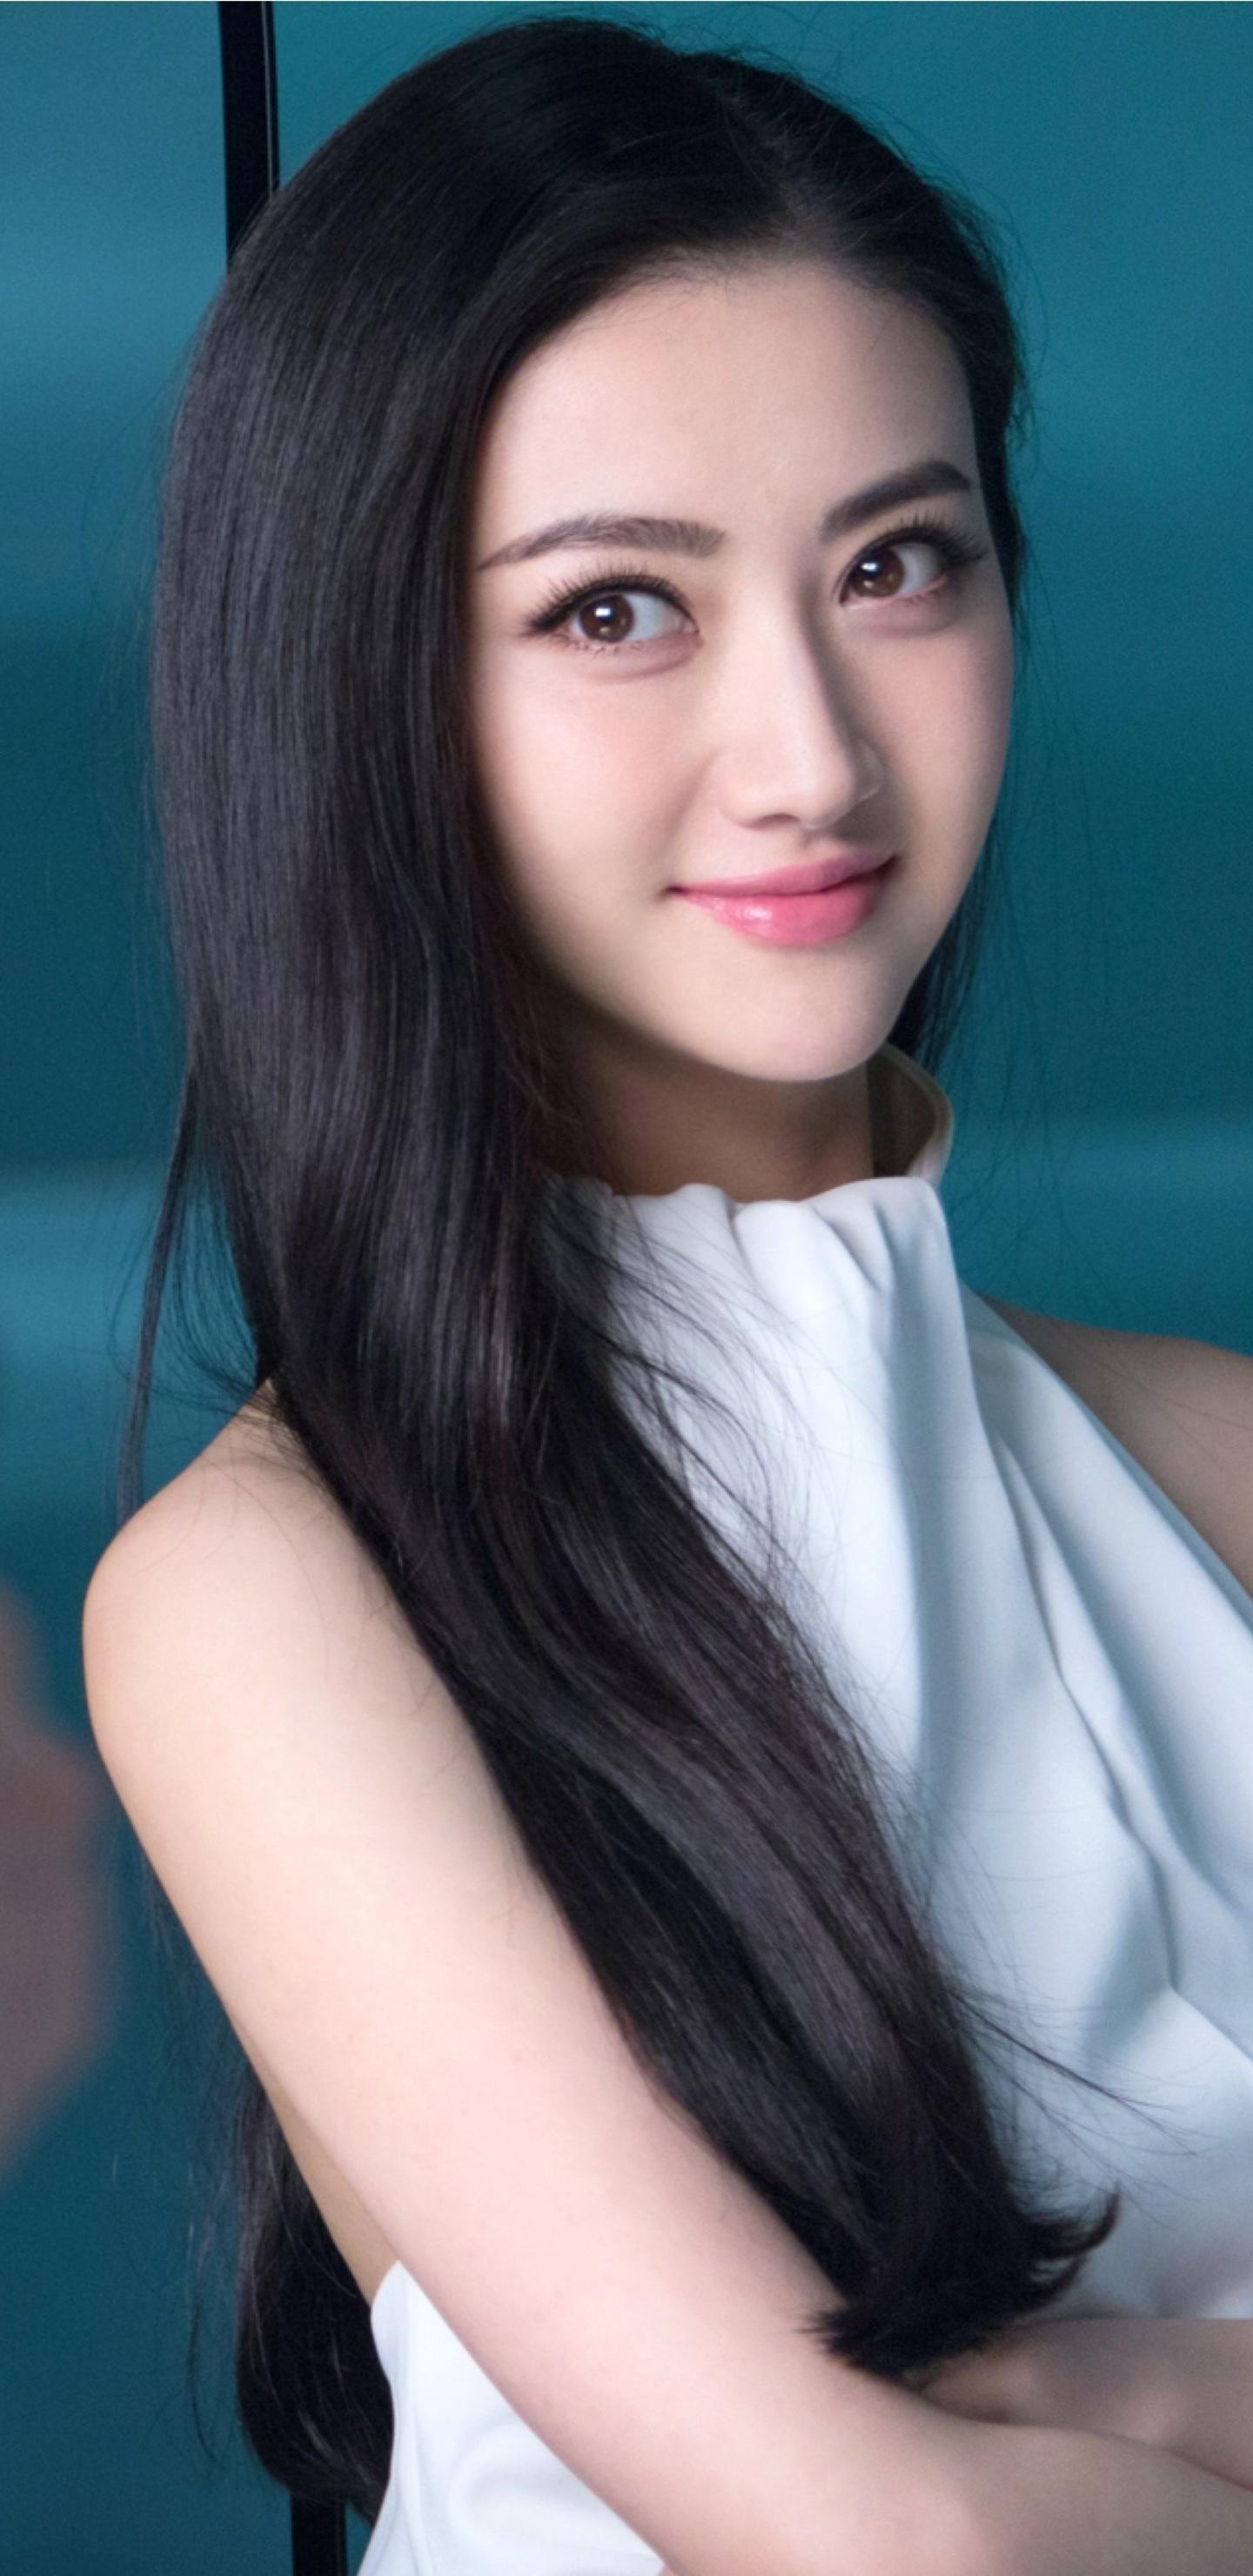 Tian Jing